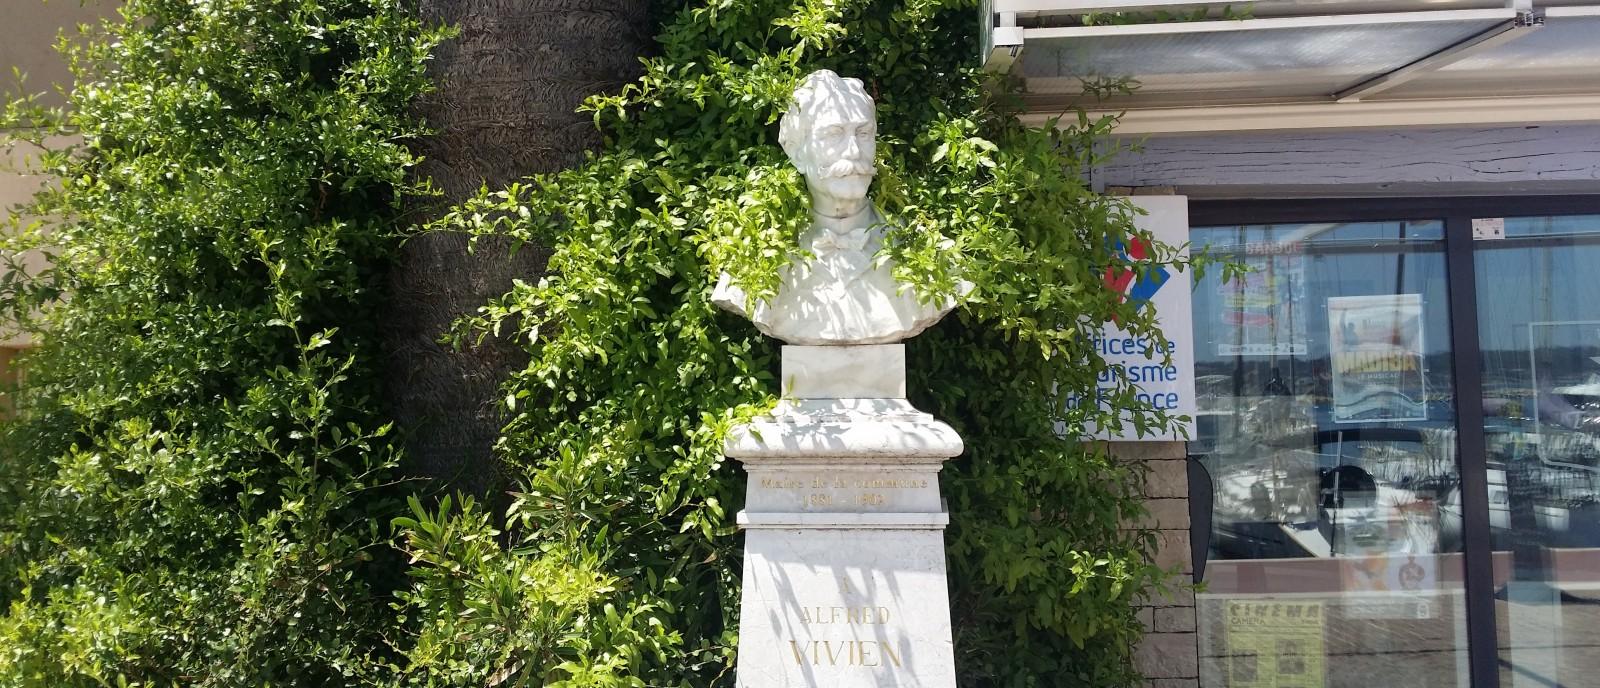 Le buste d'Alfred Vivien